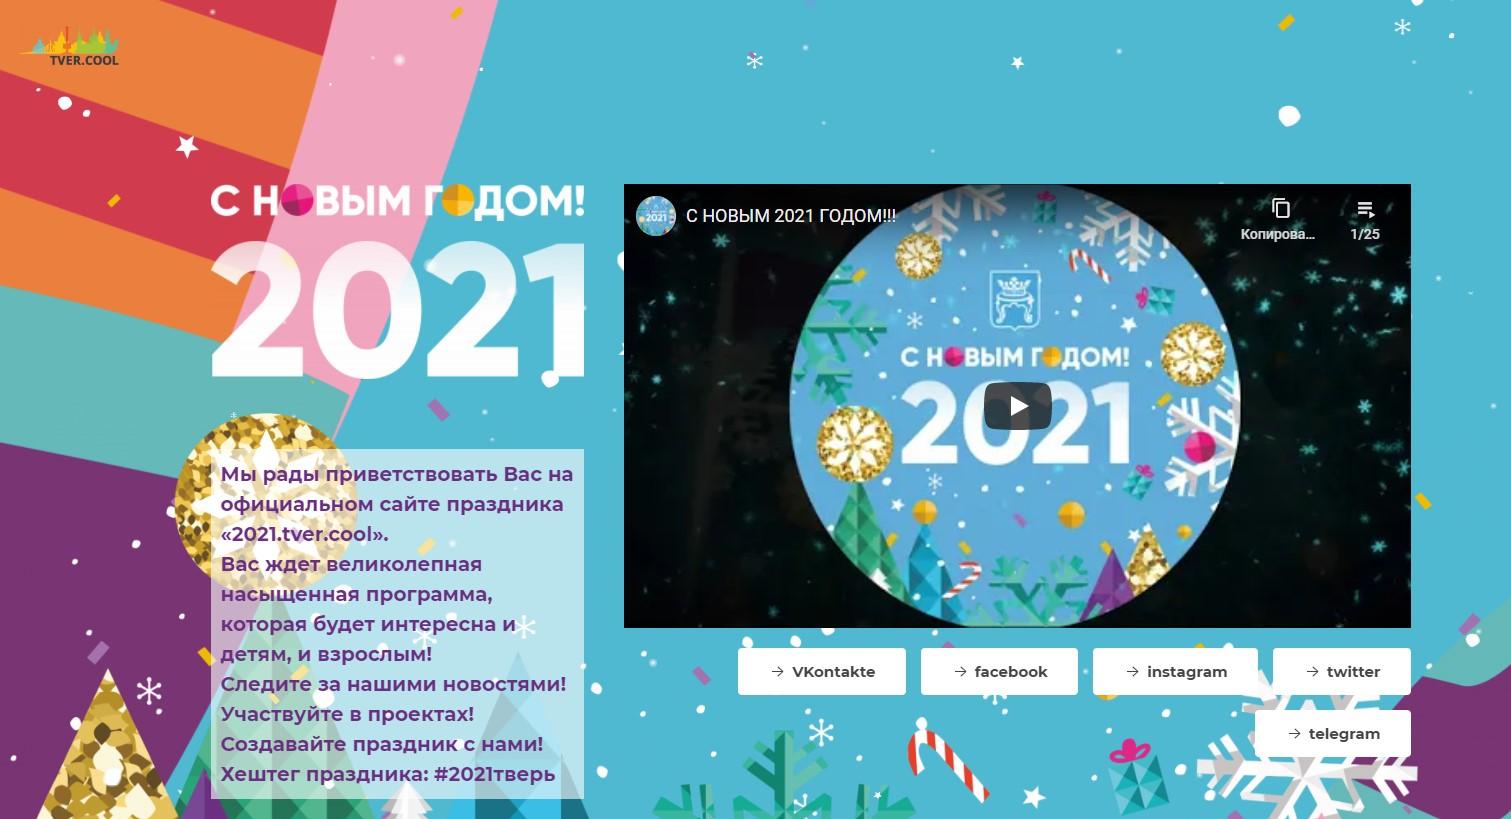 В Твери создали сайт для празднования Нового года